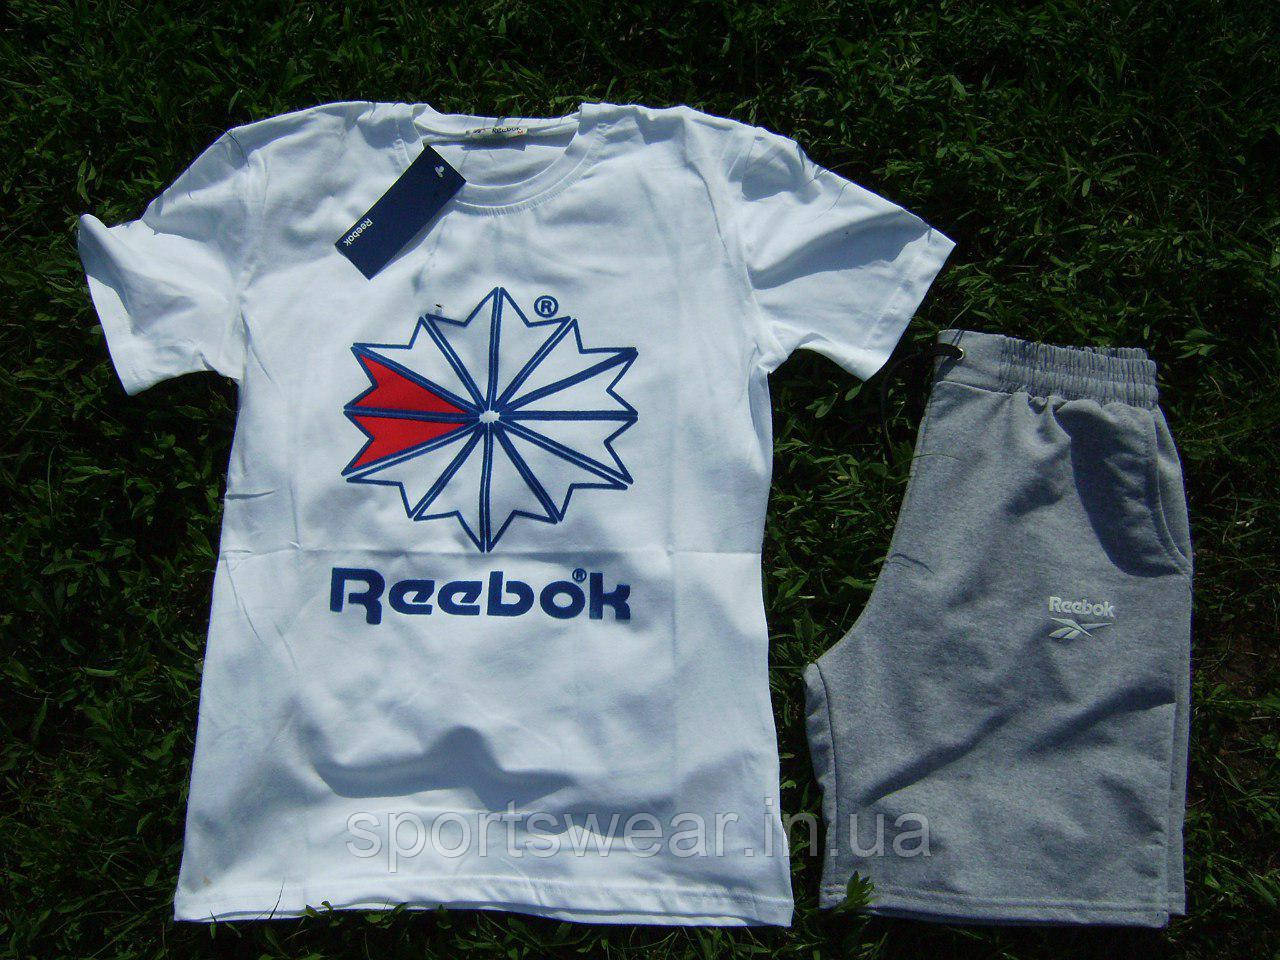 """Мужской комплект футболка + шорты Reebok белого и серого цвета """""""" В стиле Reebok """""""""""